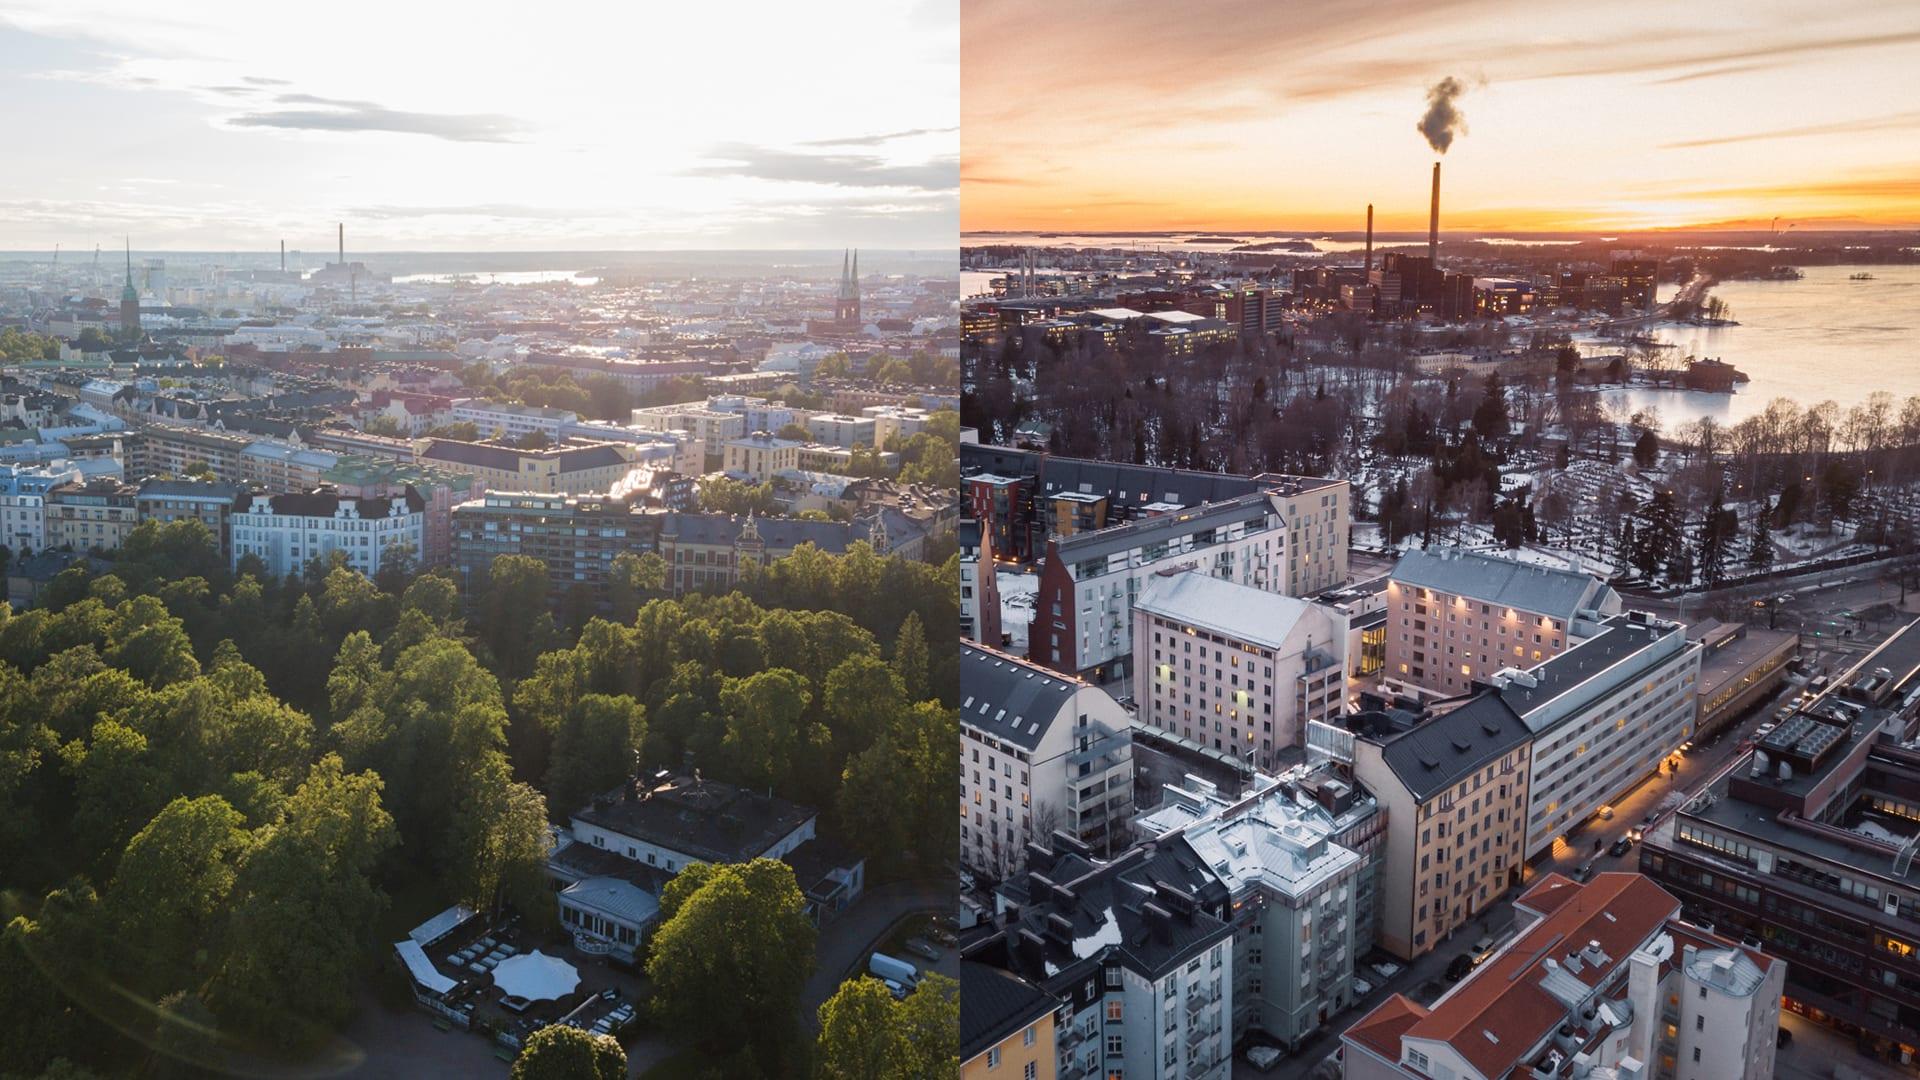 Both Helsinki